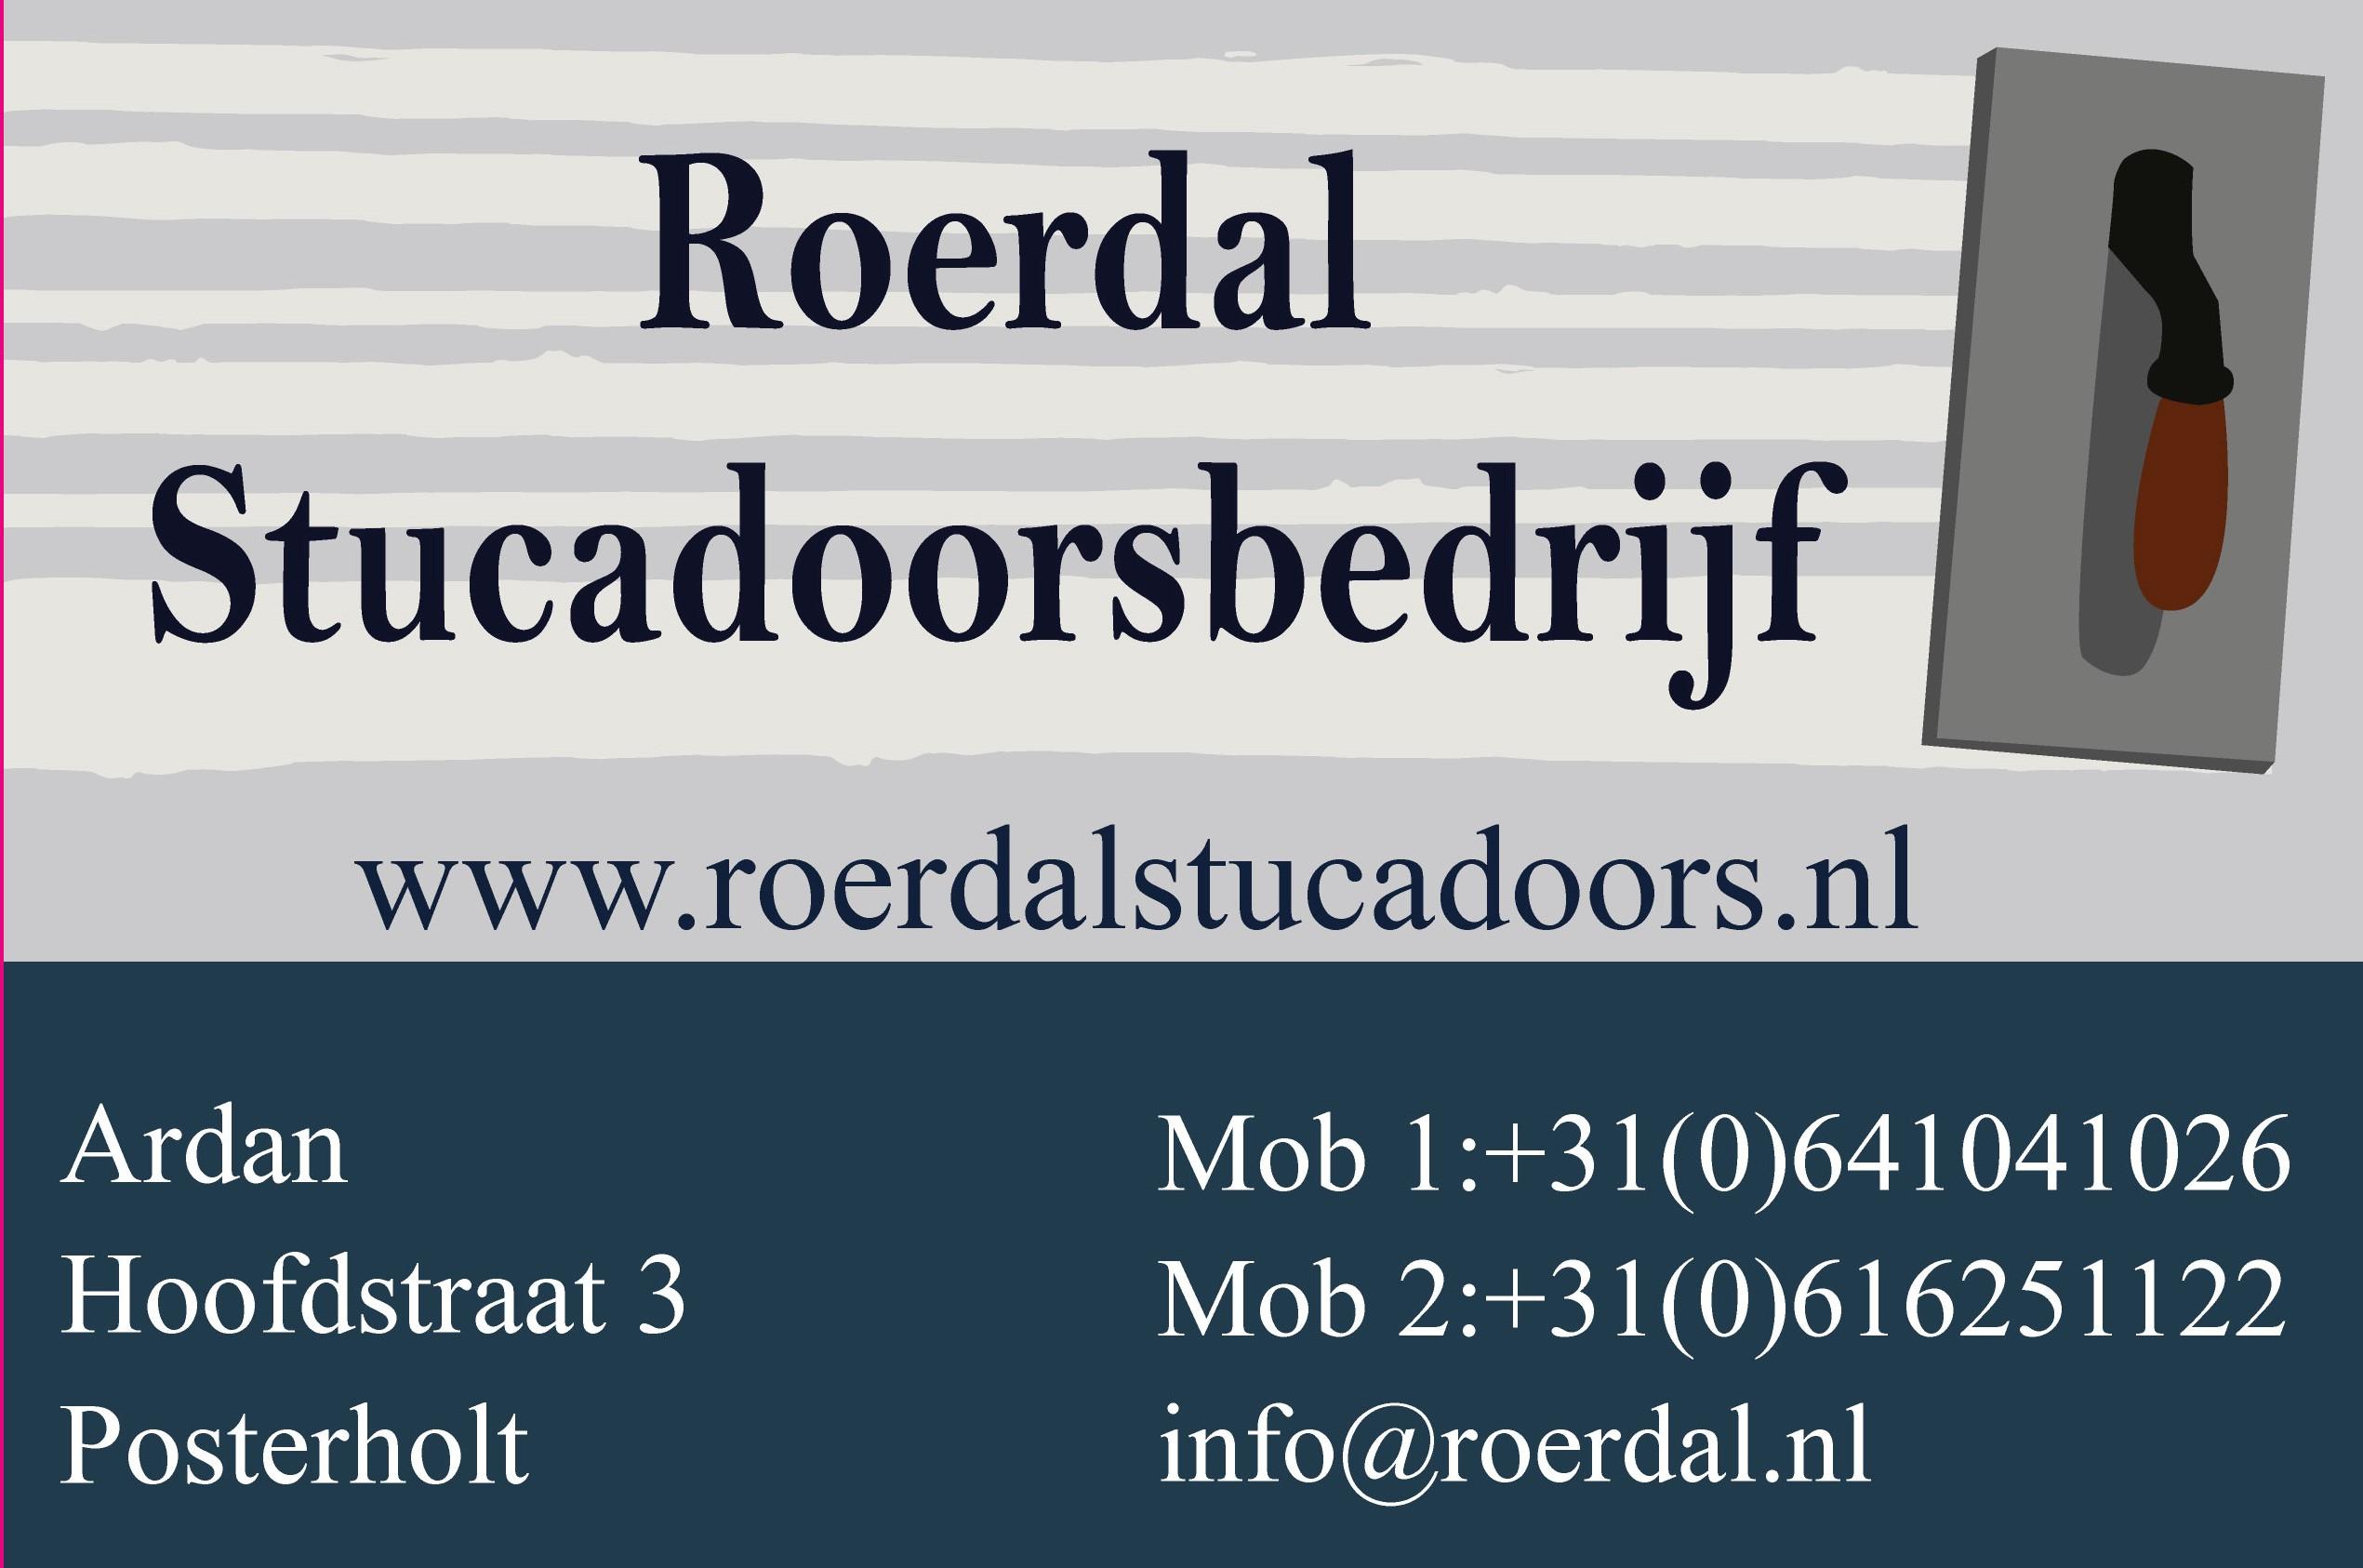 Roerdal Stucadoorsbedrijf